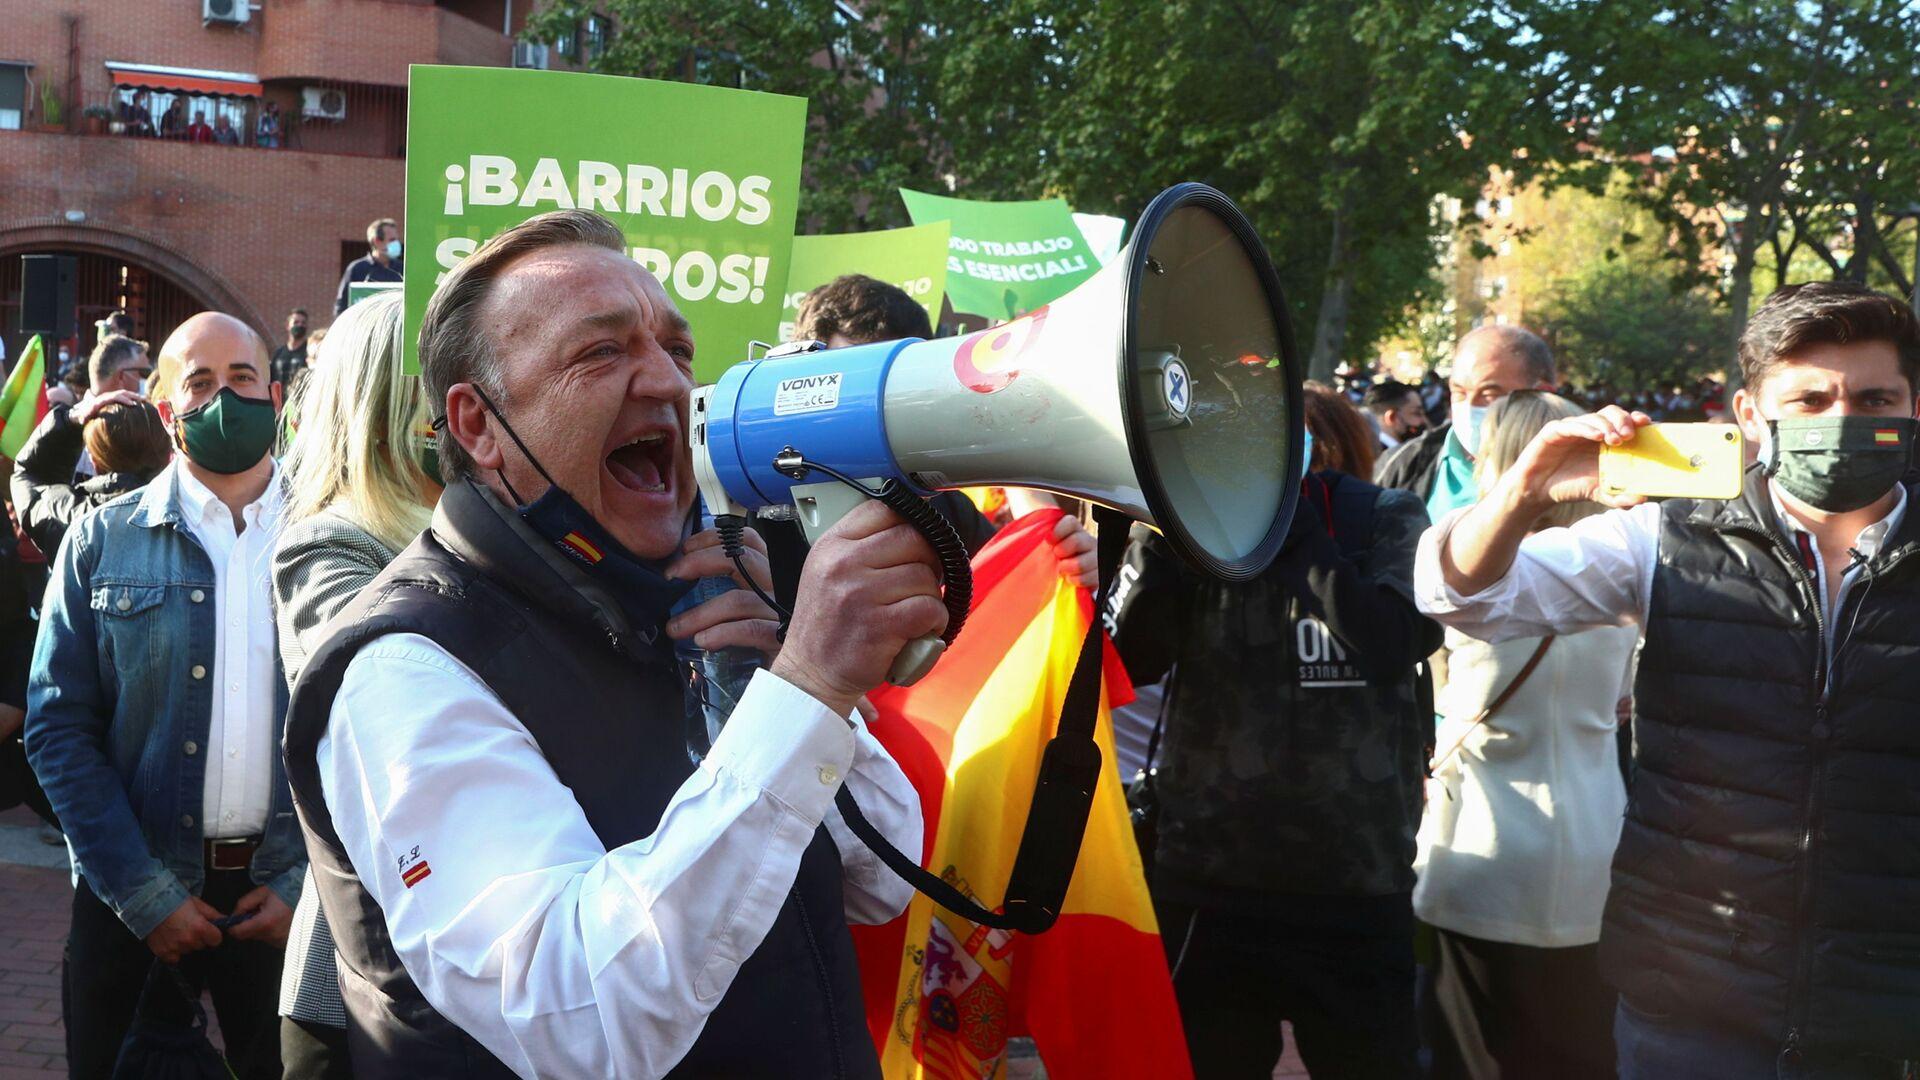 Una manfestación del partido Vox en Vallecas, Madrid - Sputnik Mundo, 1920, 08.04.2021